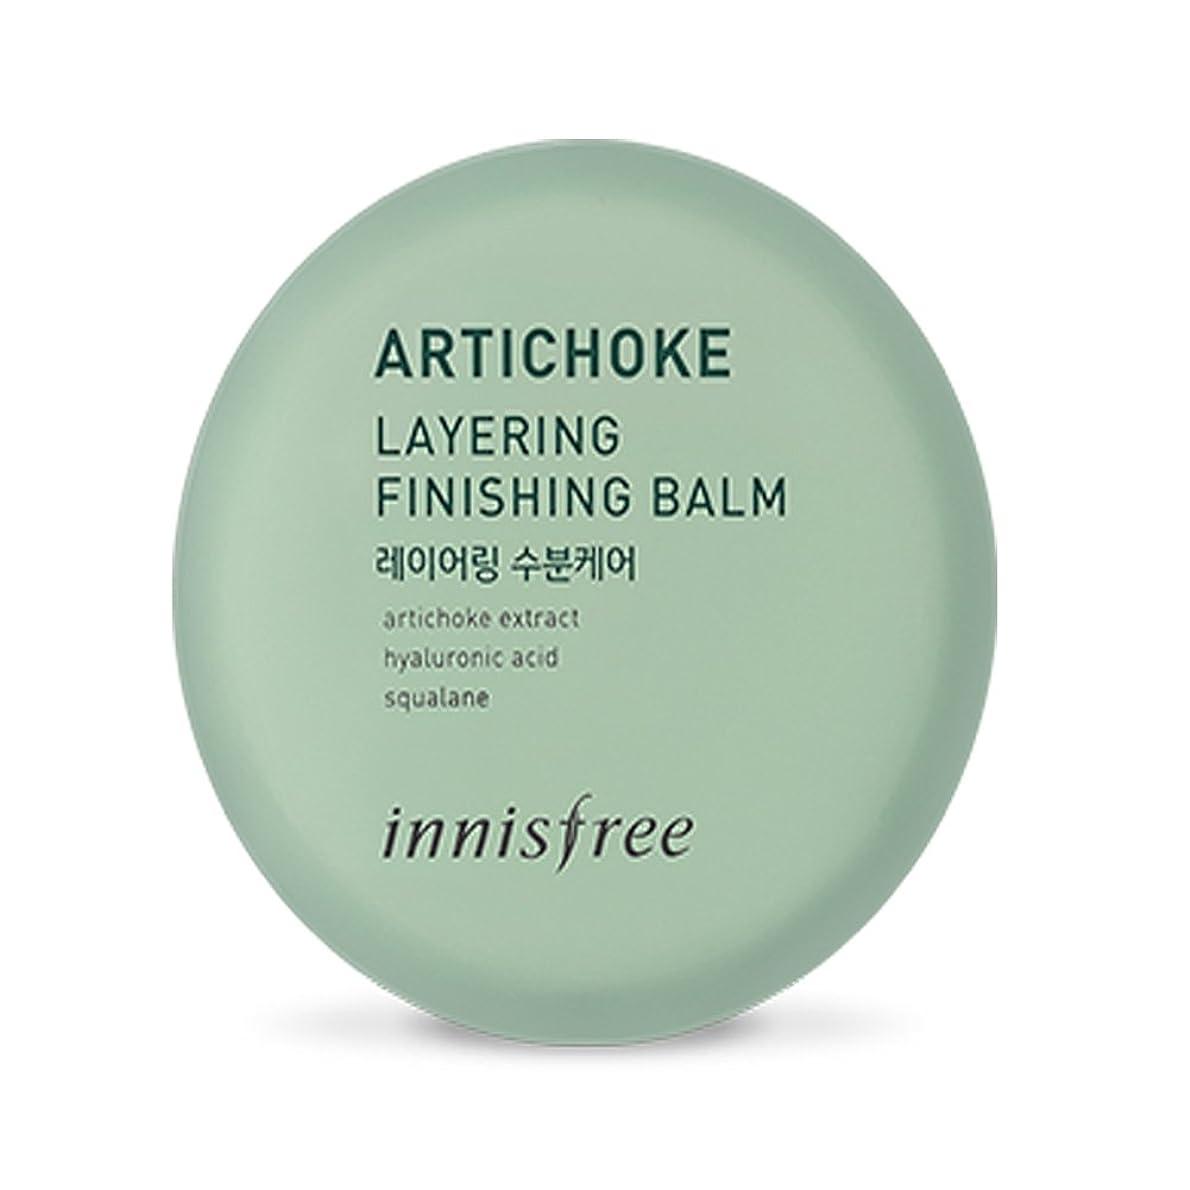 最高安定した豊富なイニスフリーアーティチョークレイヤーフィニッシングバーム15mlクリーム Innisfree Artichoke Layering Finishing Balm 15ml Cream [海外直送品] [並行輸入品]